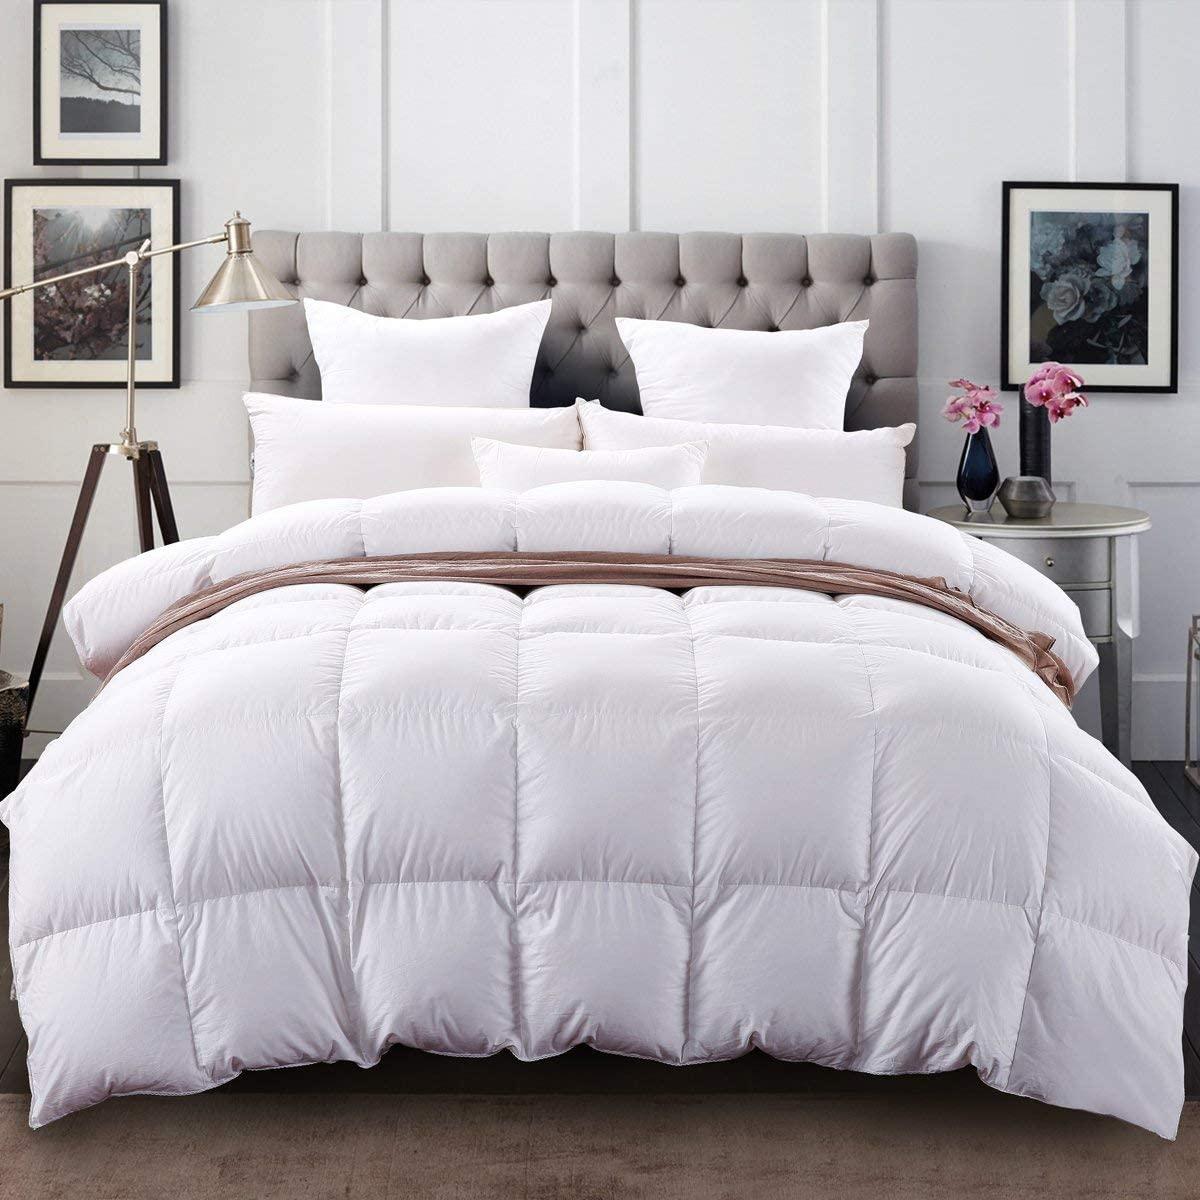 بطانية الشتاء الدافئة للكبار 100% القطن الطبيعي البطانيات الثقيلة مساعدة النوم تقليل القلق الشتاء الدافئة مبطن البطانيات